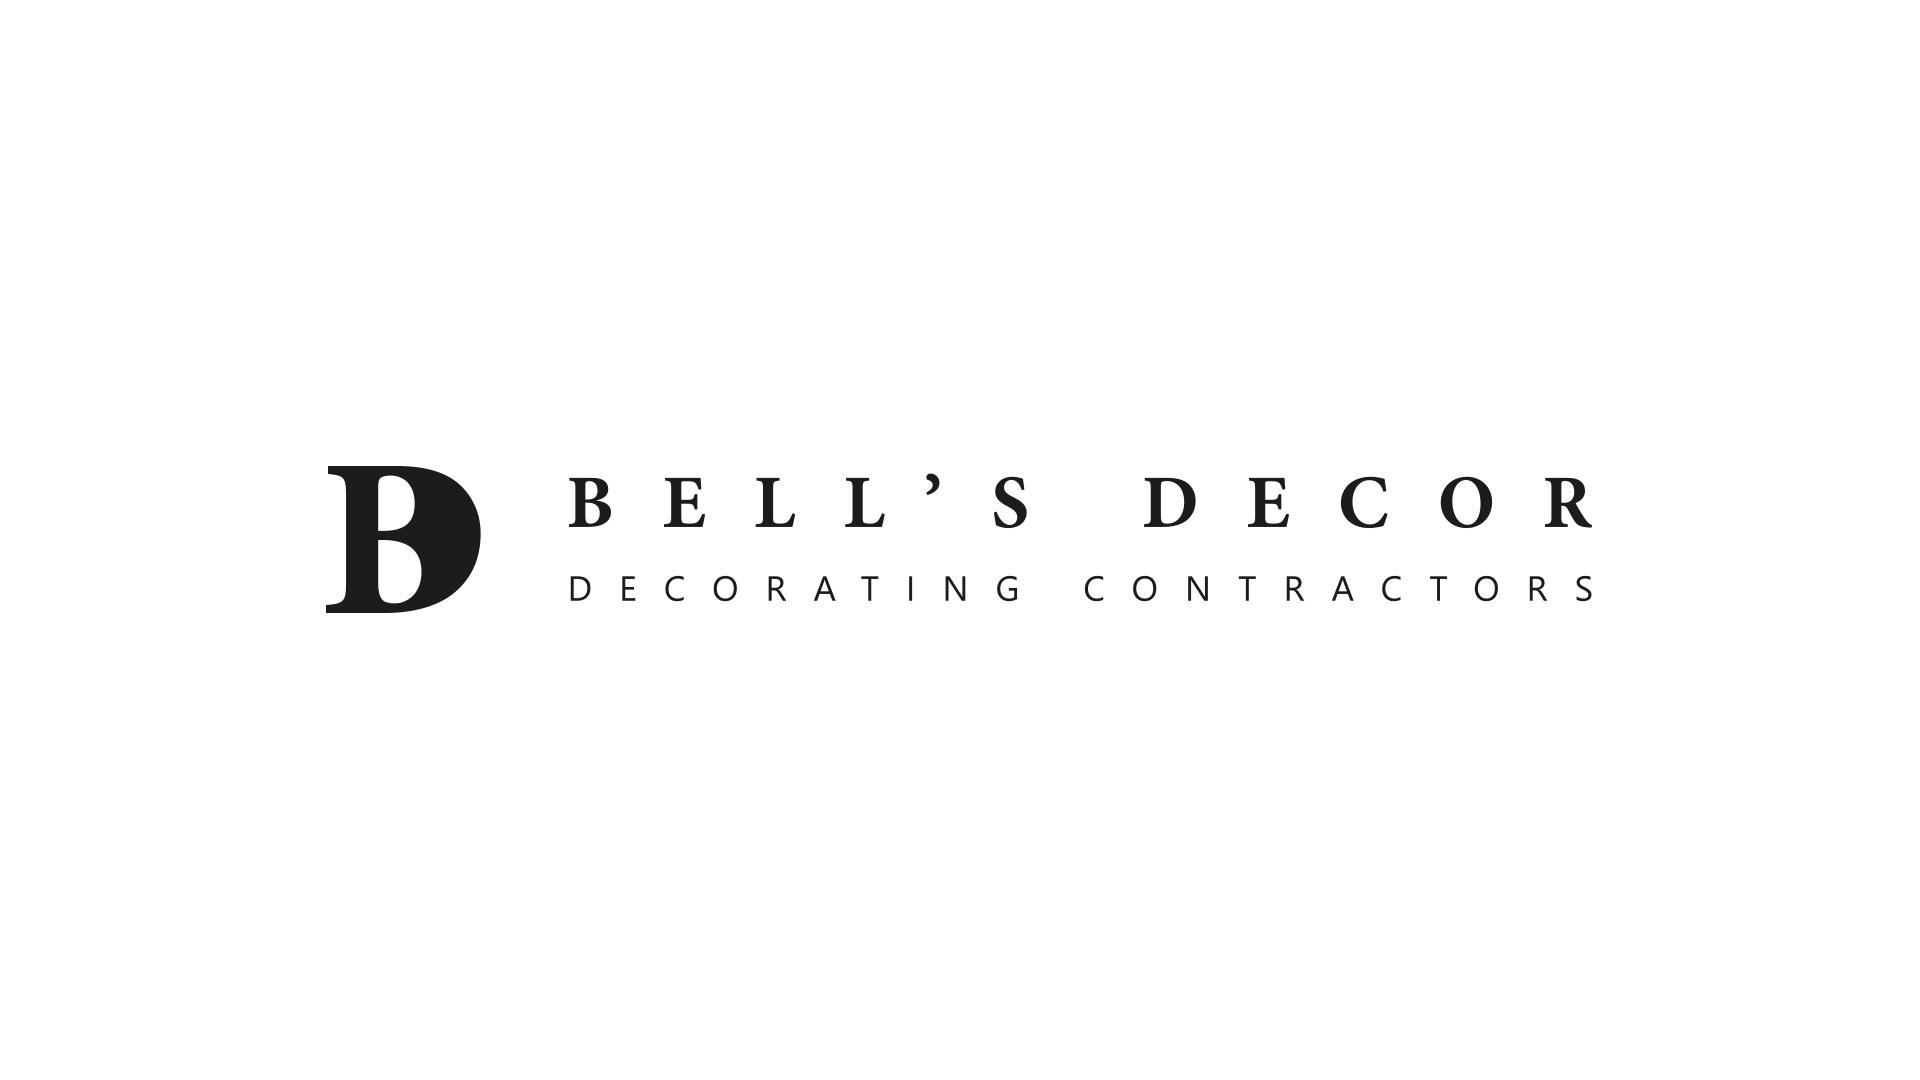 Bells Decor - Black and White Logo